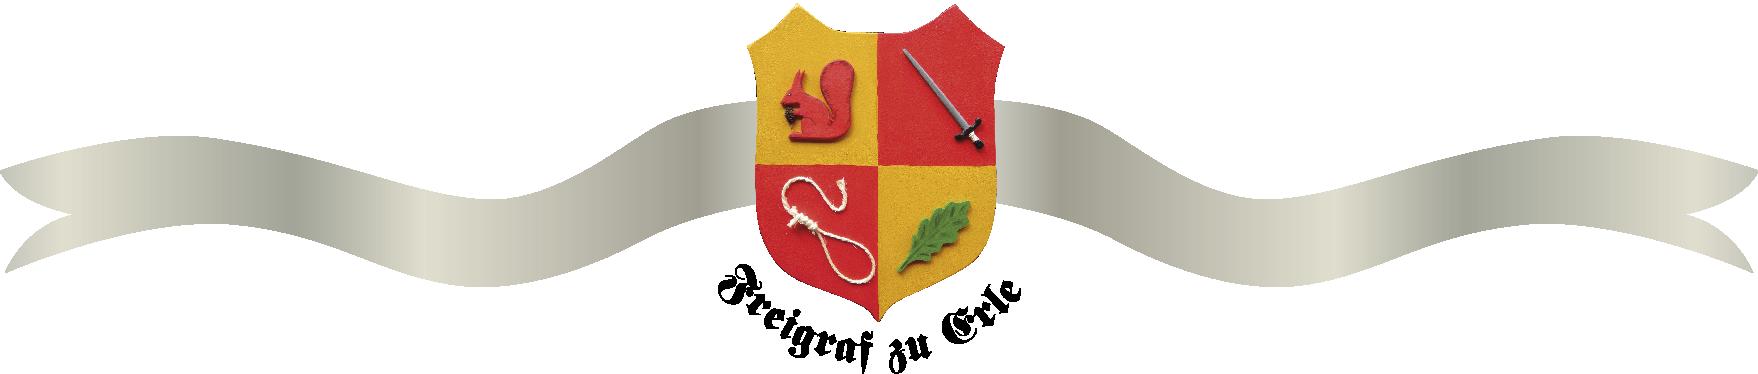 Freigraf zu Erle Logo